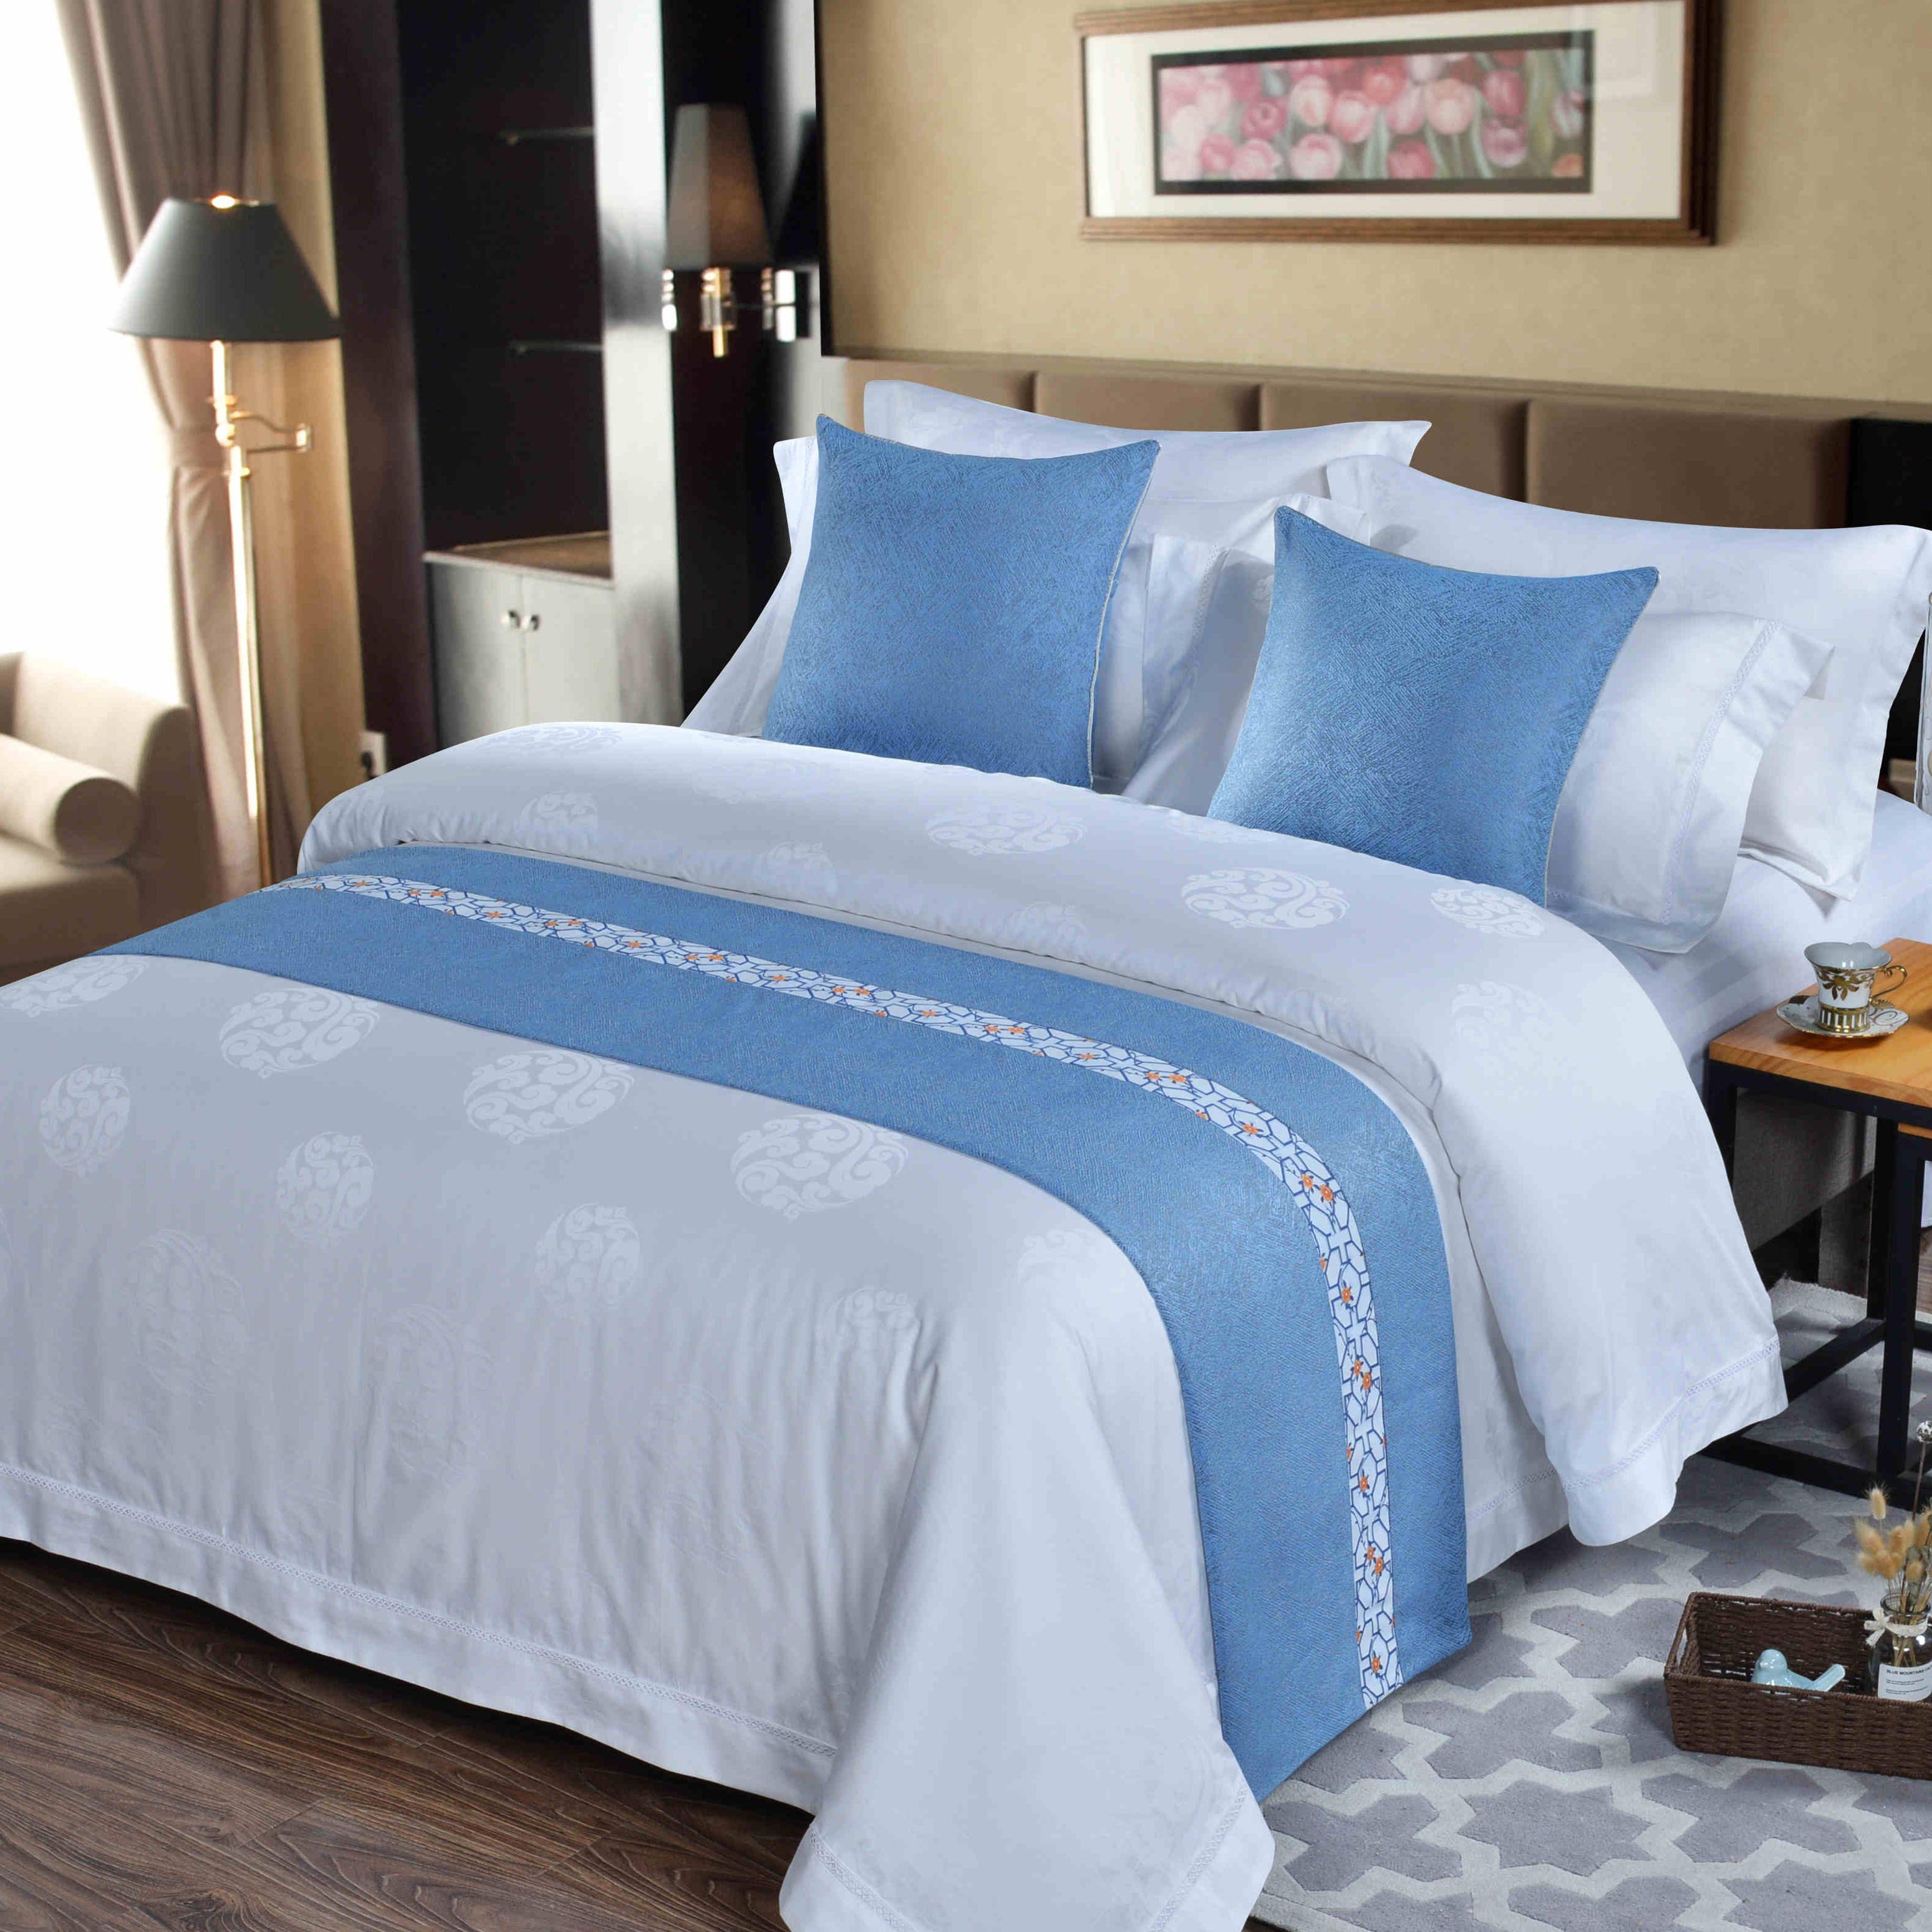 酒店 宾馆 民宿 床尾巾 酒店布草床上用品定制抱枕床尾巾床旗床盖 批发